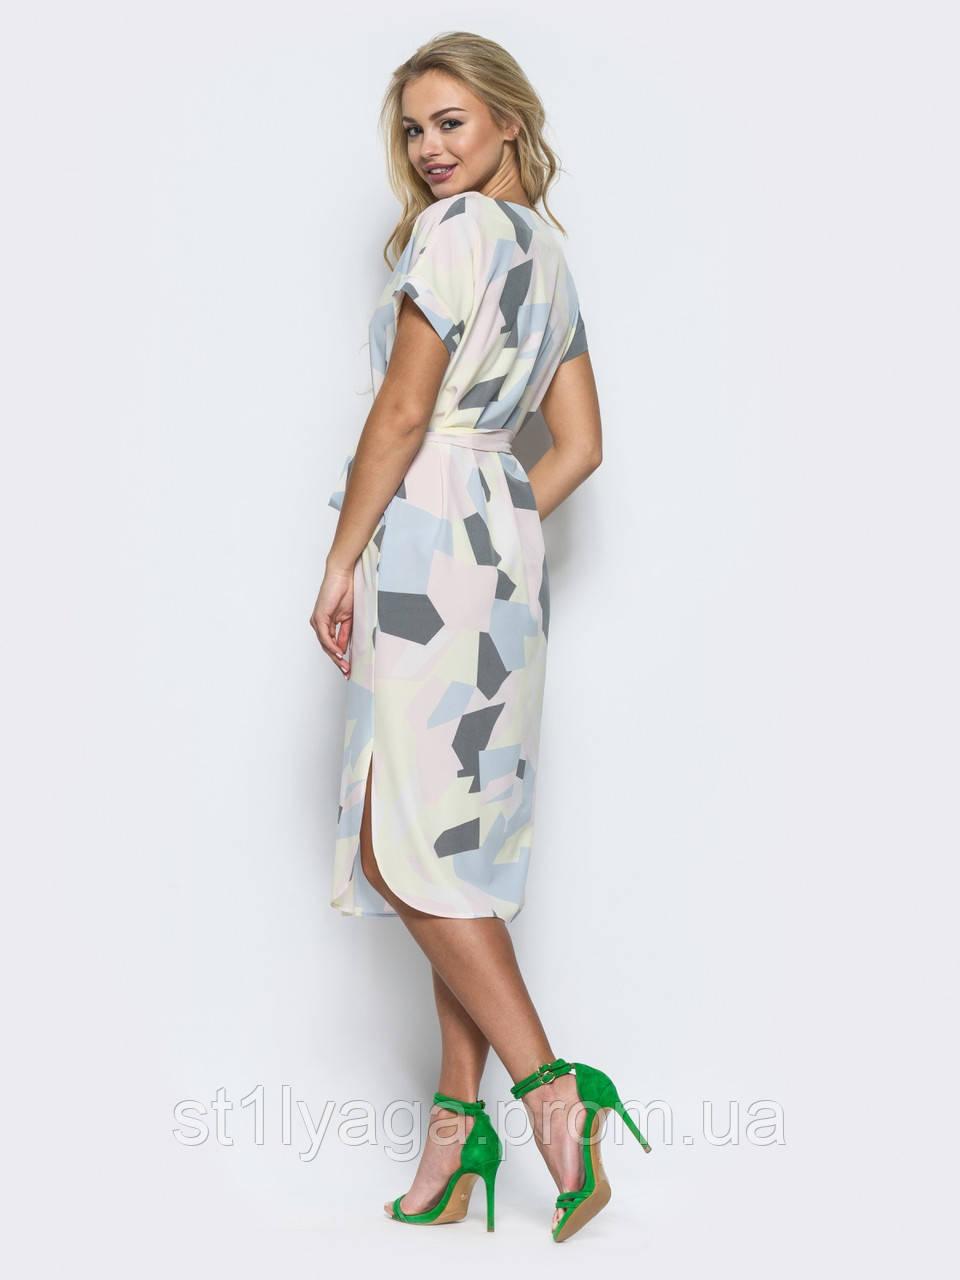 ad882906aee ... Платье прямого кроя из легкого софта с прорезными карманами в швах и  поясом в комплекте